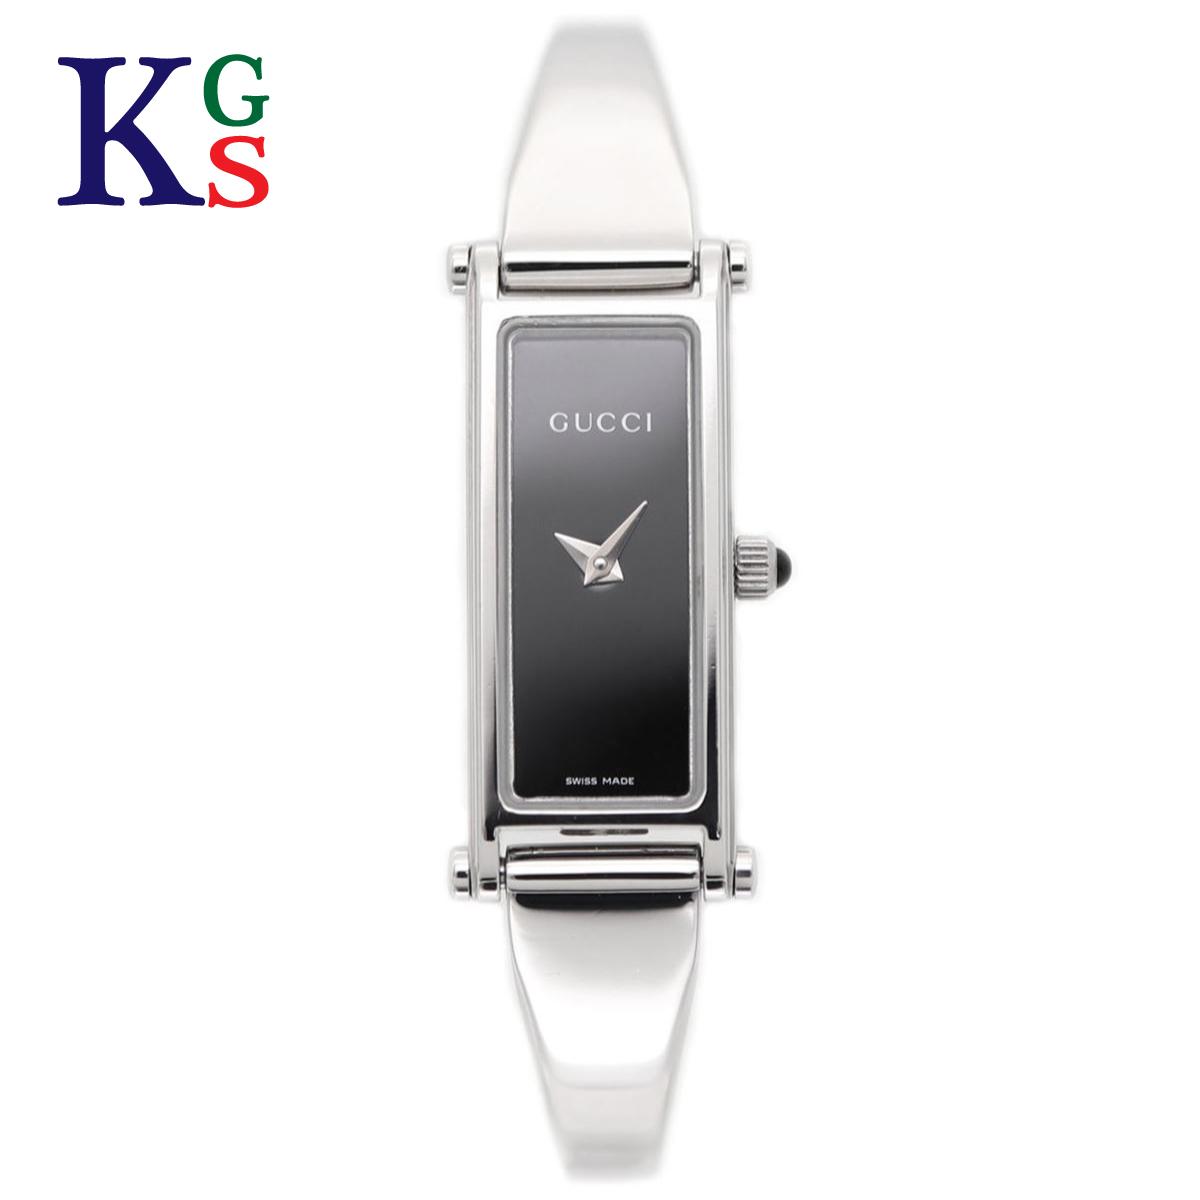 【ギフト品質】グッチ/GUCCI / 腕時計 レディース シルバー ステンレススチール / バングルウォッチ SS 黒文字盤 1500L クオーツ / ミニフェイス 電池式